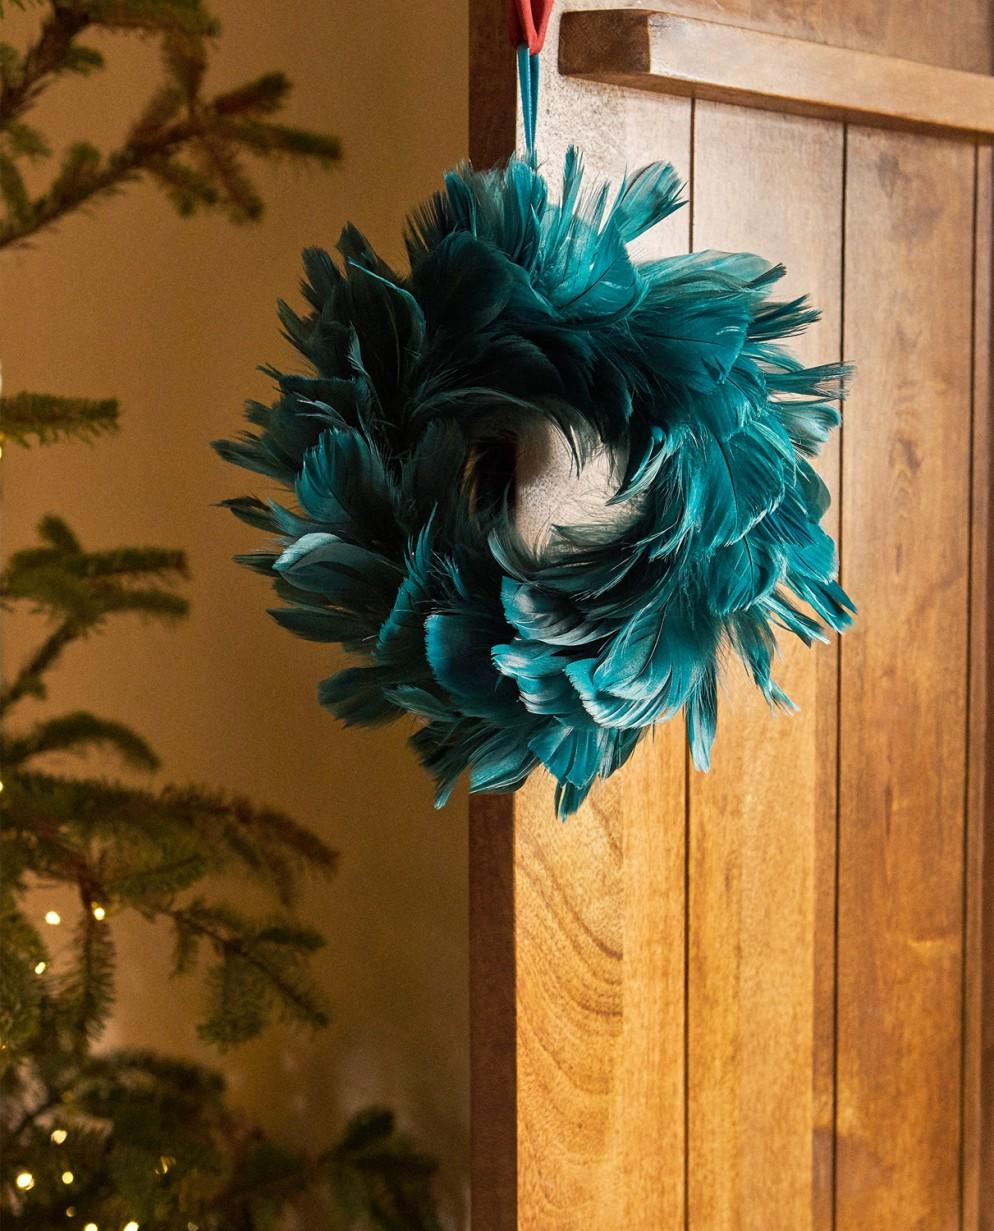 ghirlande-natalizie-idee-8-living-corriere